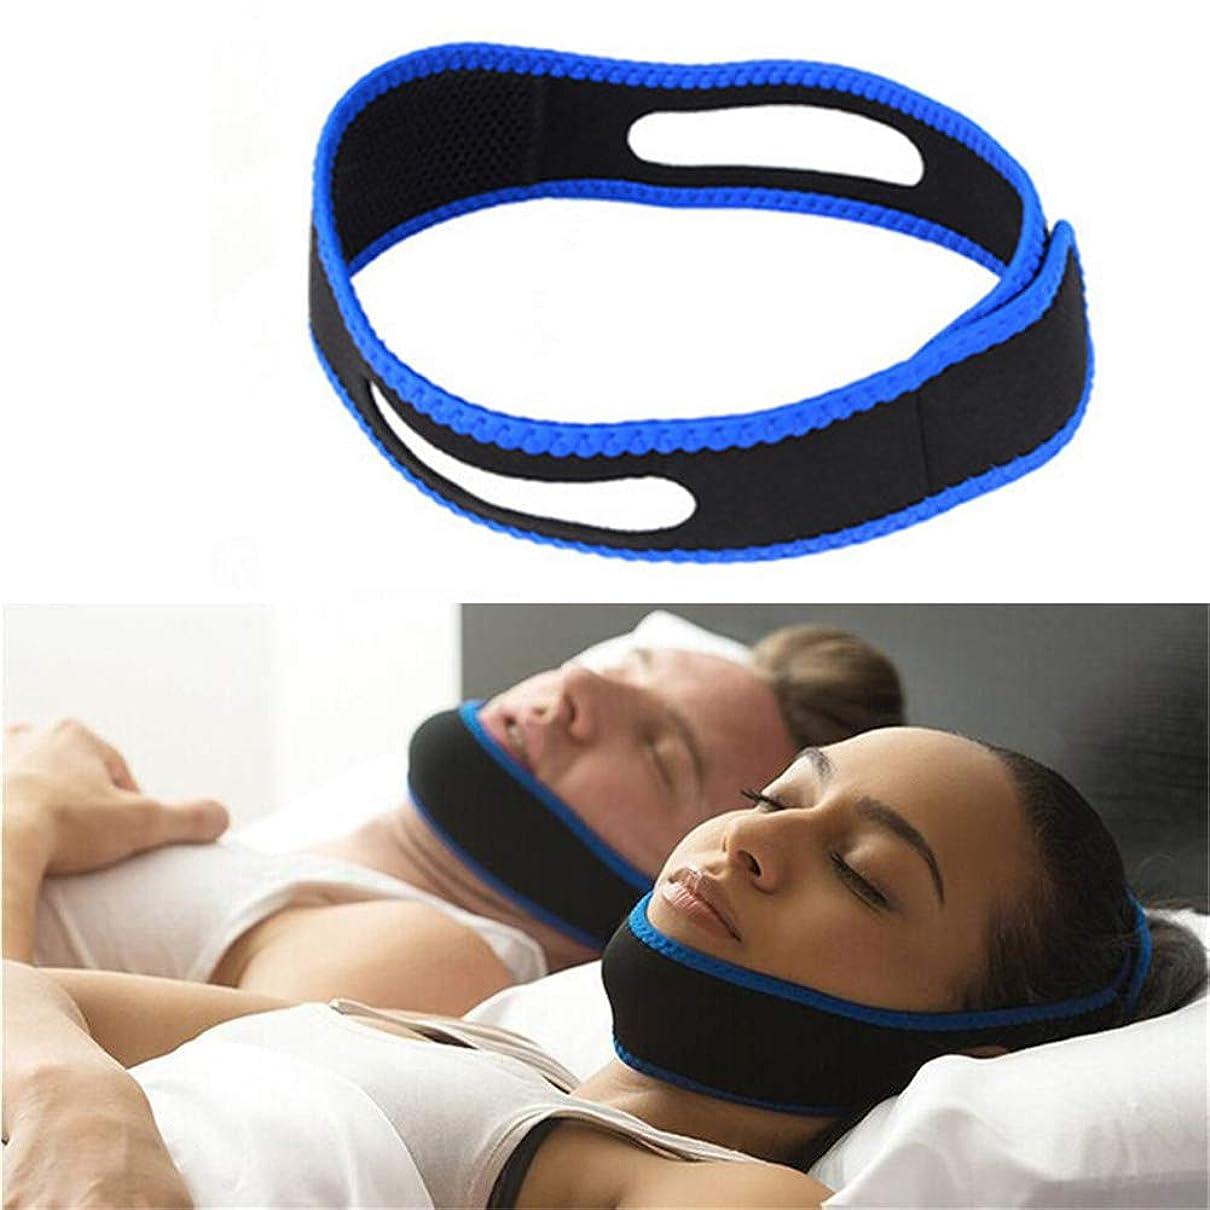 樹皮予算石膏Angzhili いびき軽減グッズ いびき防止装置 いびき対策グッズ 睡眠補助 快眠サポーター 肌に優しい サイズ調整可能 男女兼用